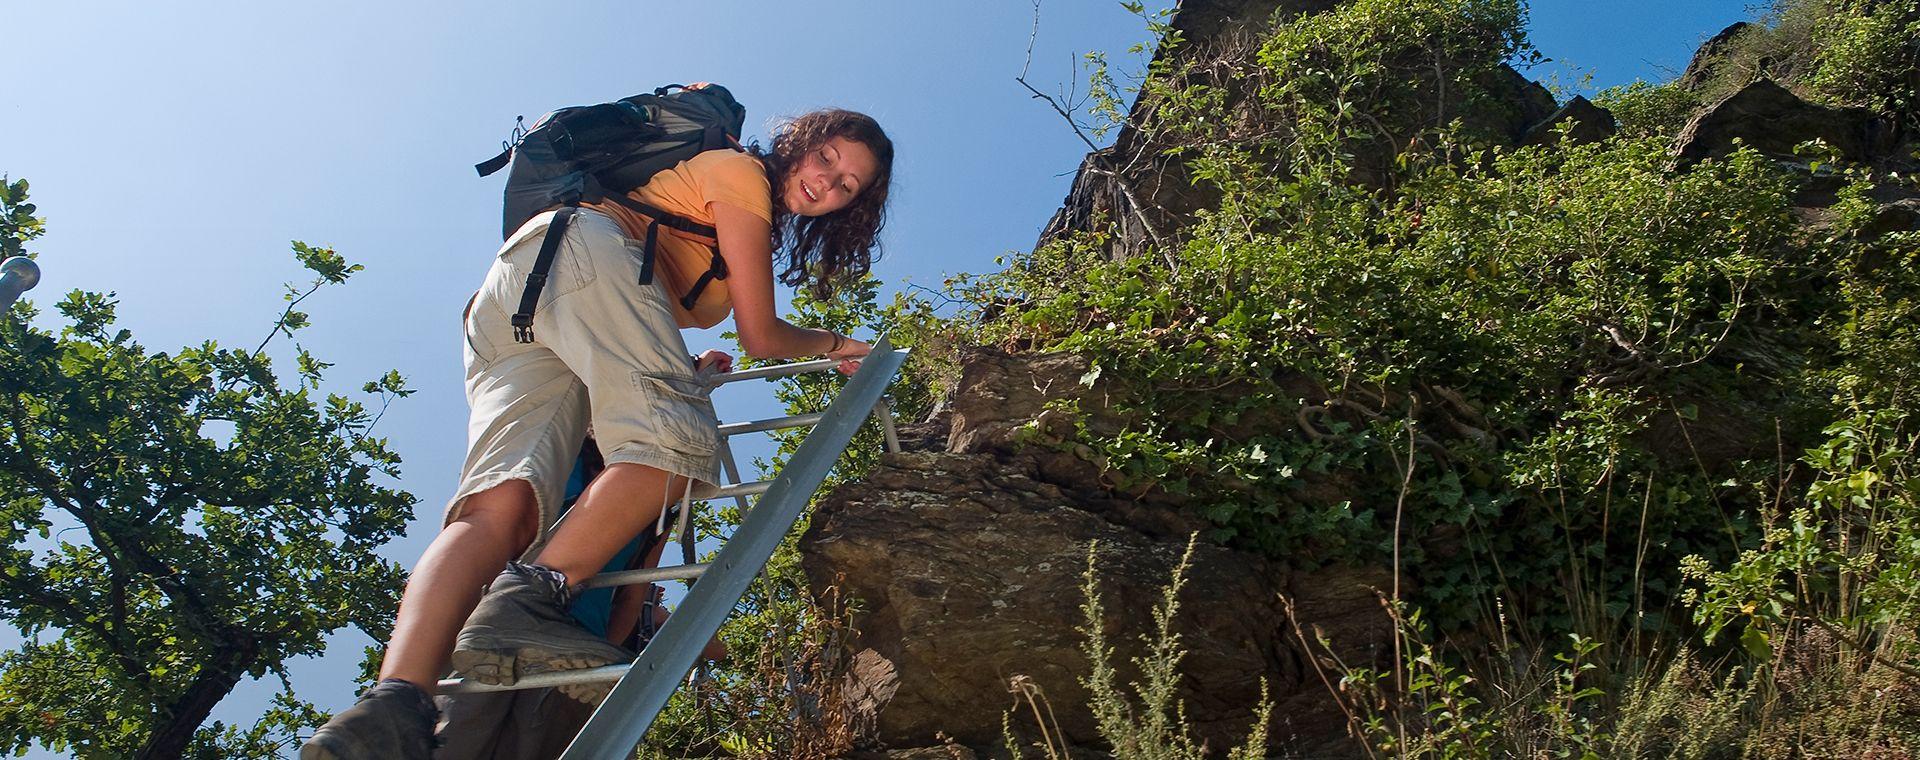 Wanderin auf einer Leiter